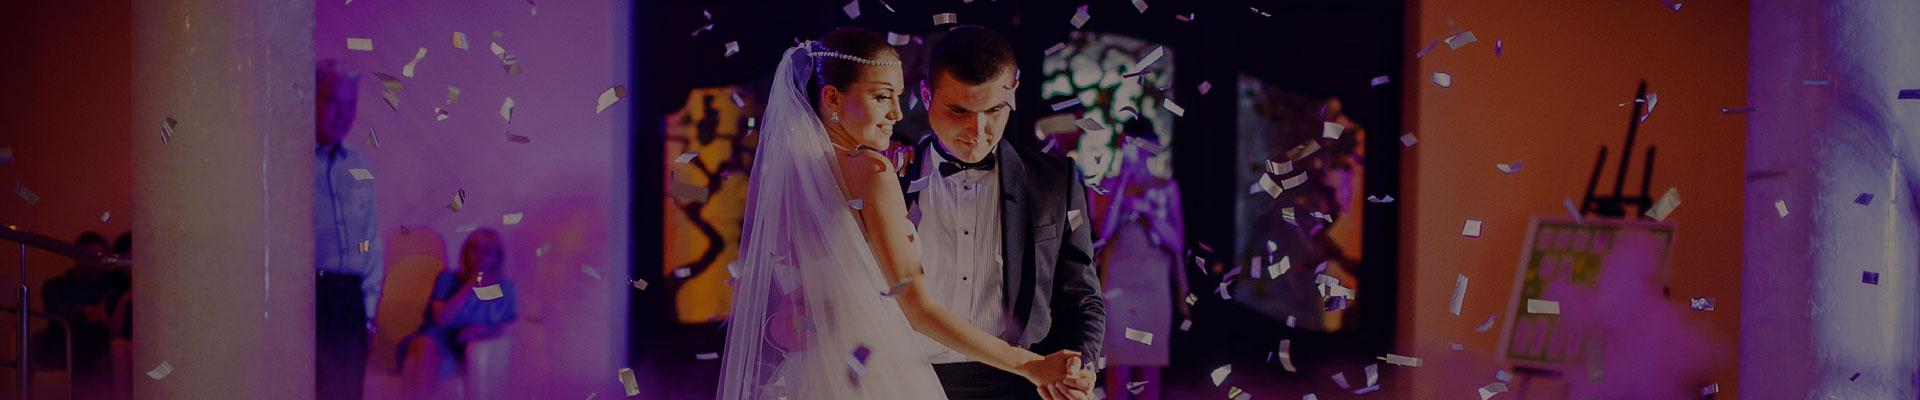 Coreografia Personalizada para Casamento | Celebrando a vida